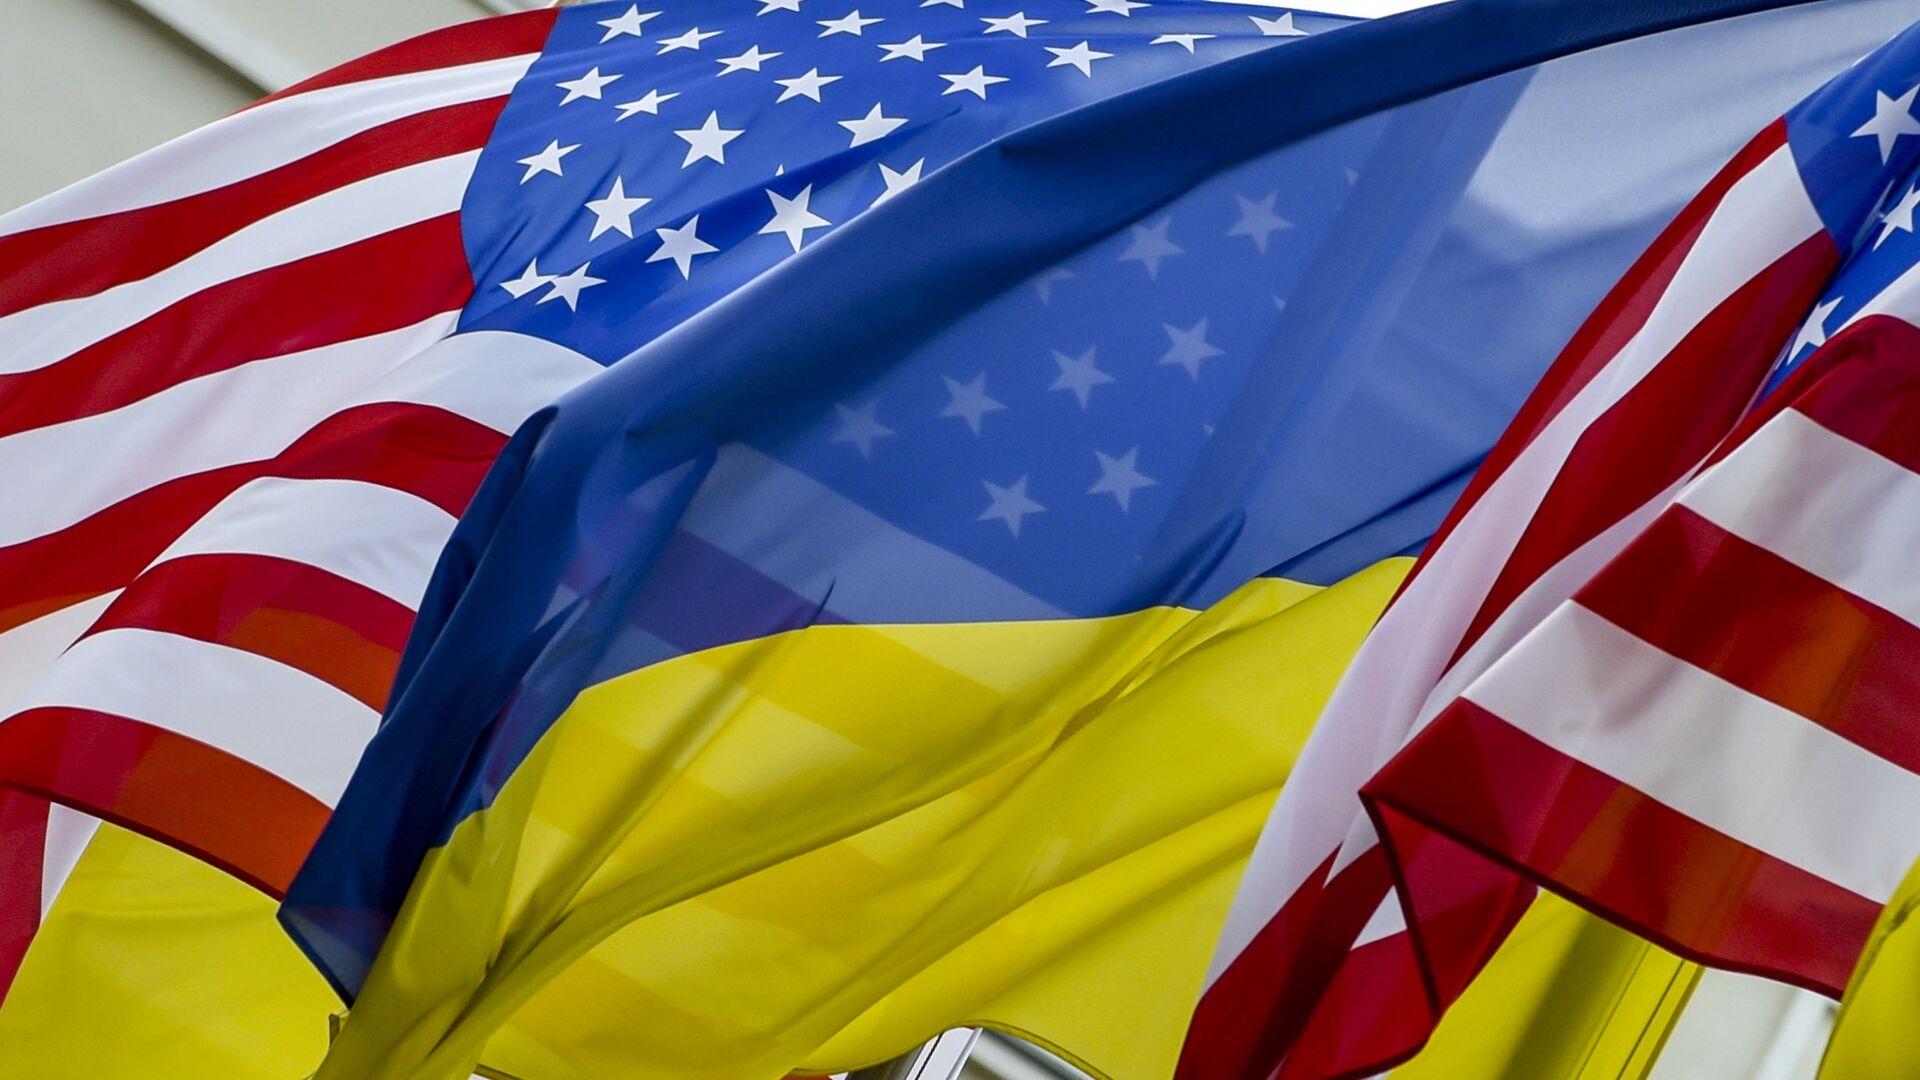 ASV un Ukrainas karogs - Sputnik Latvija, 1920, 20.09.2021